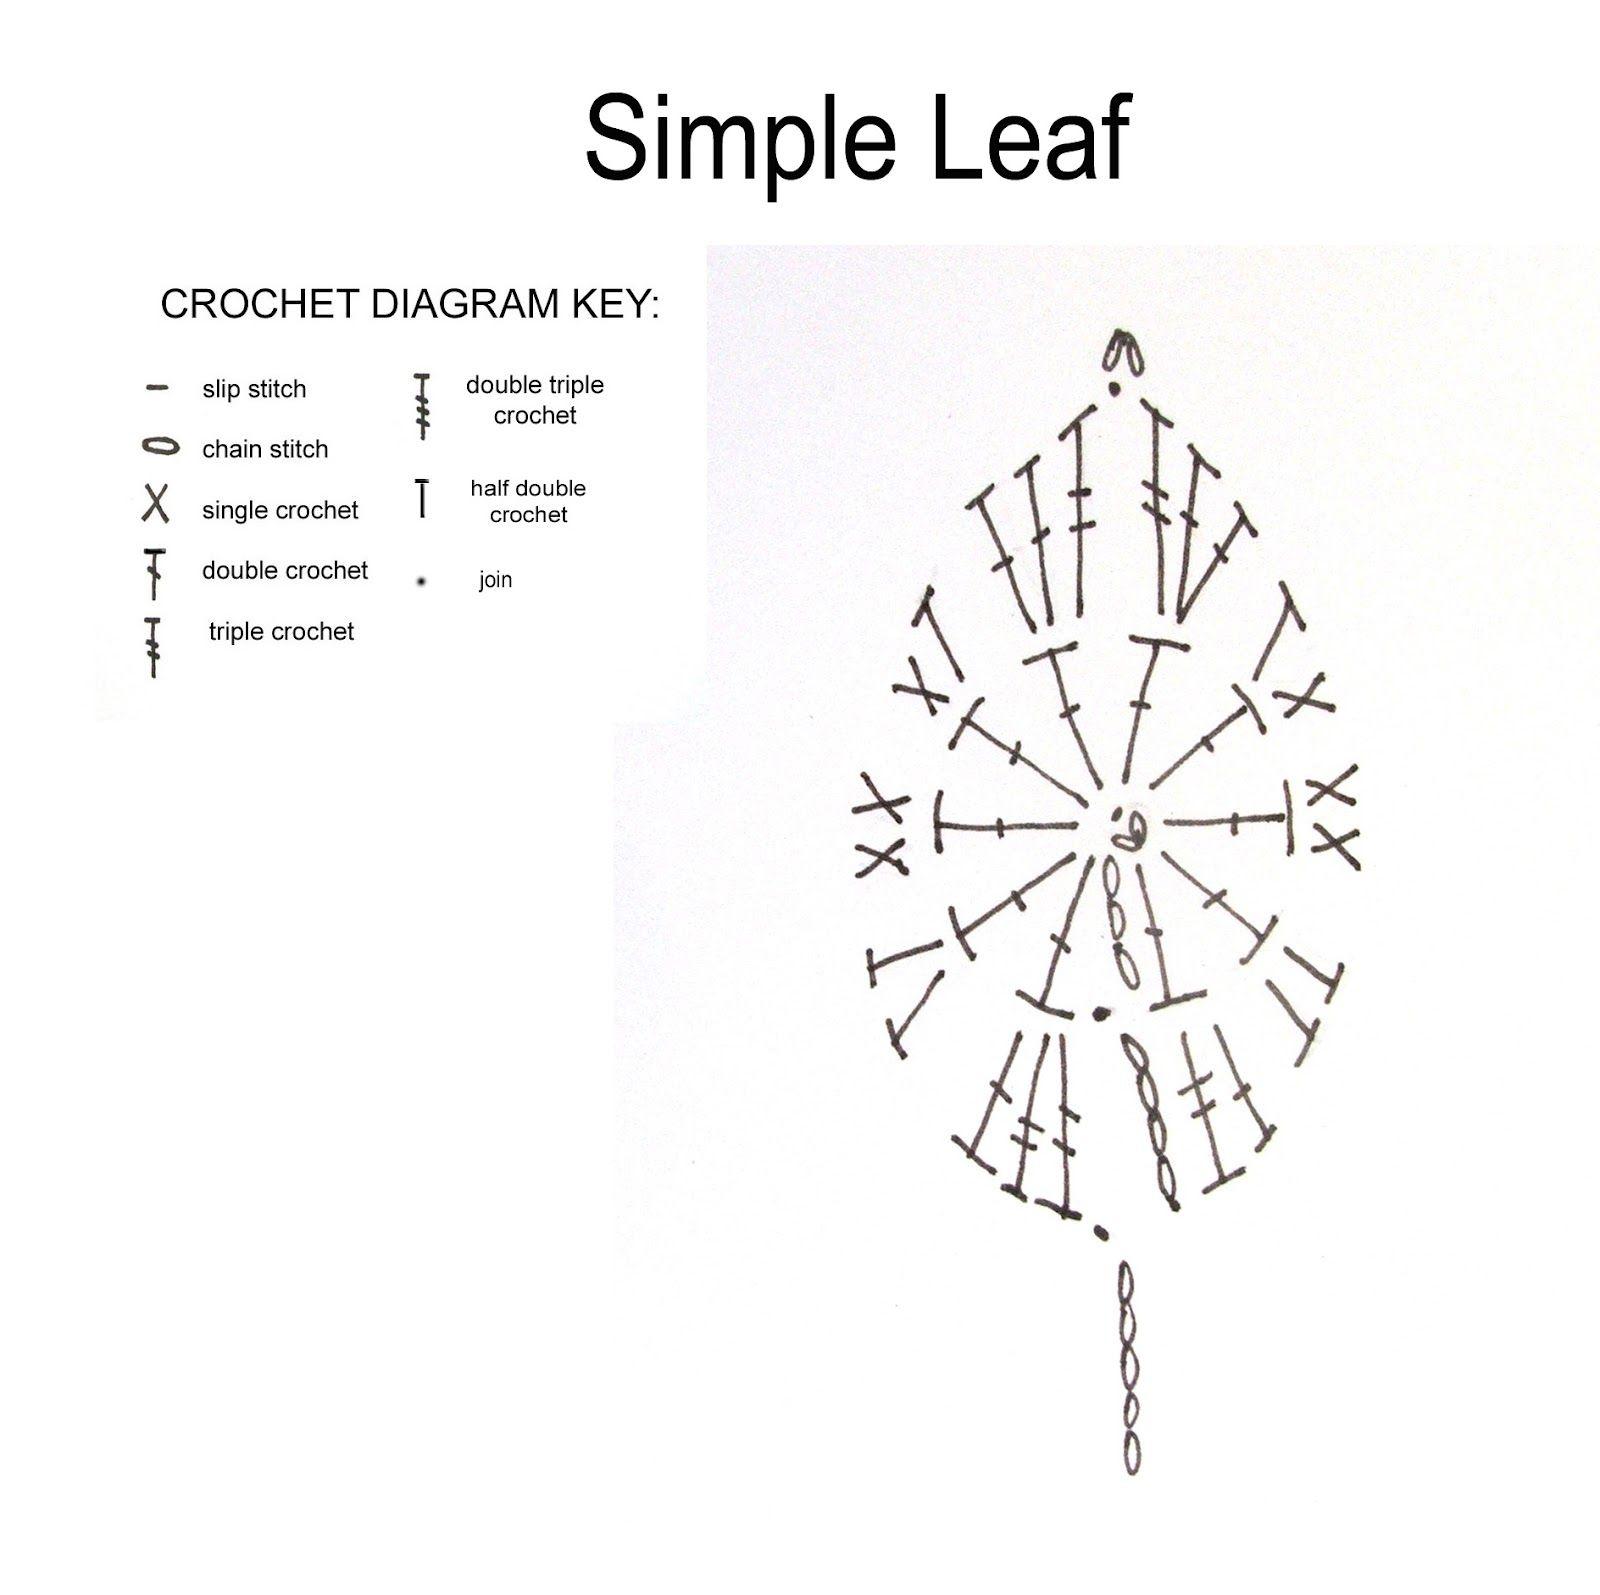 Susan's Hippie Crochet: Free Simple Leaf Crochet Pattern